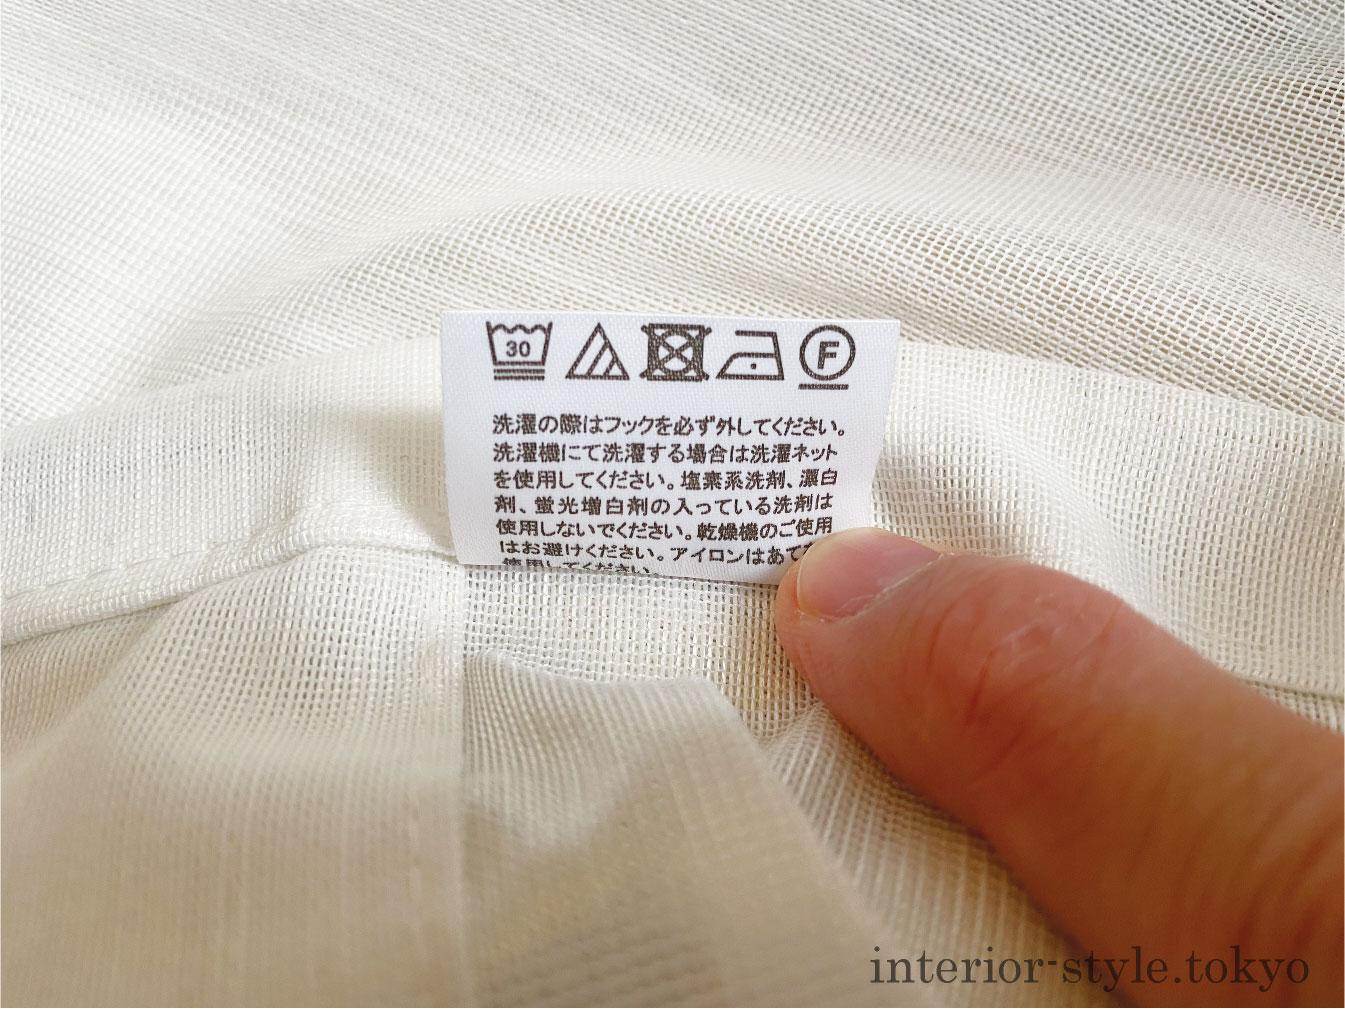 カーテンの洗濯方法や取り扱いの記載があるタグ